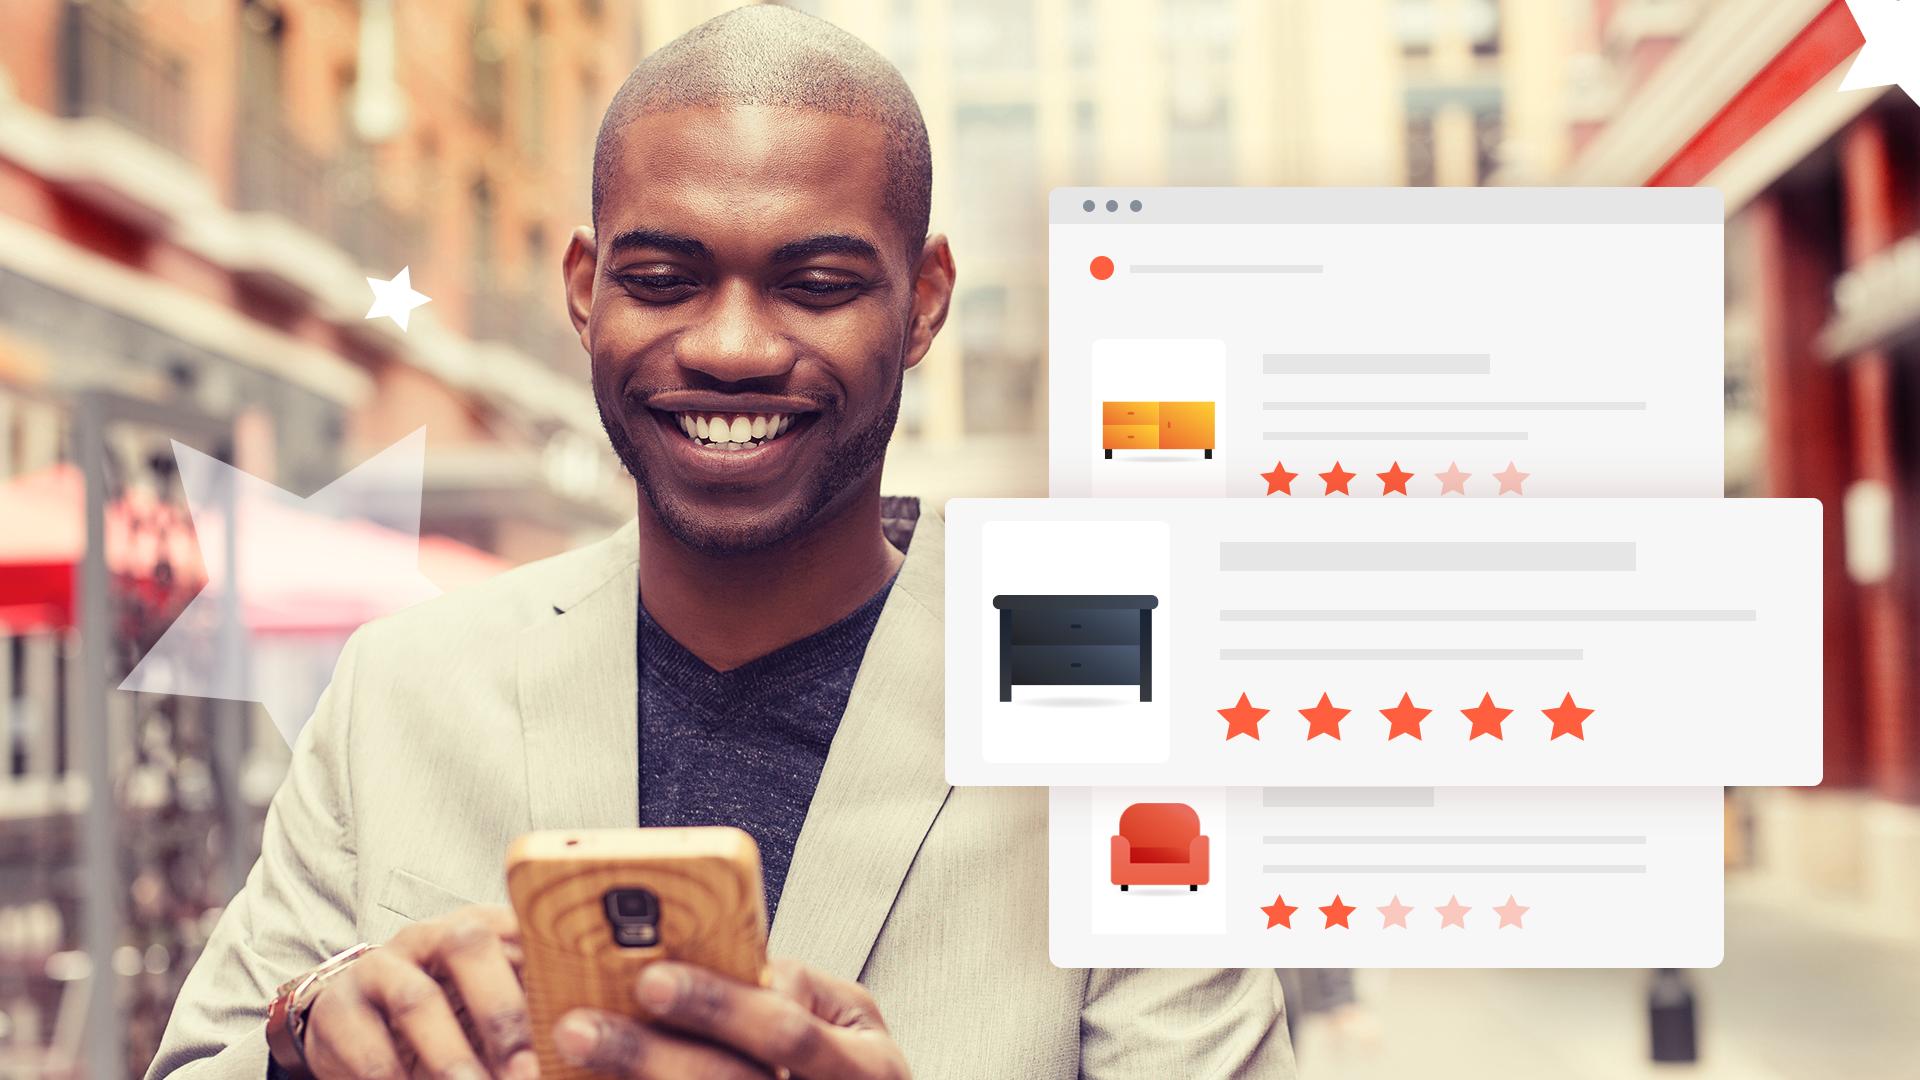 Recensioni clientie vendite: l'impatto delle stelle sulla crescita